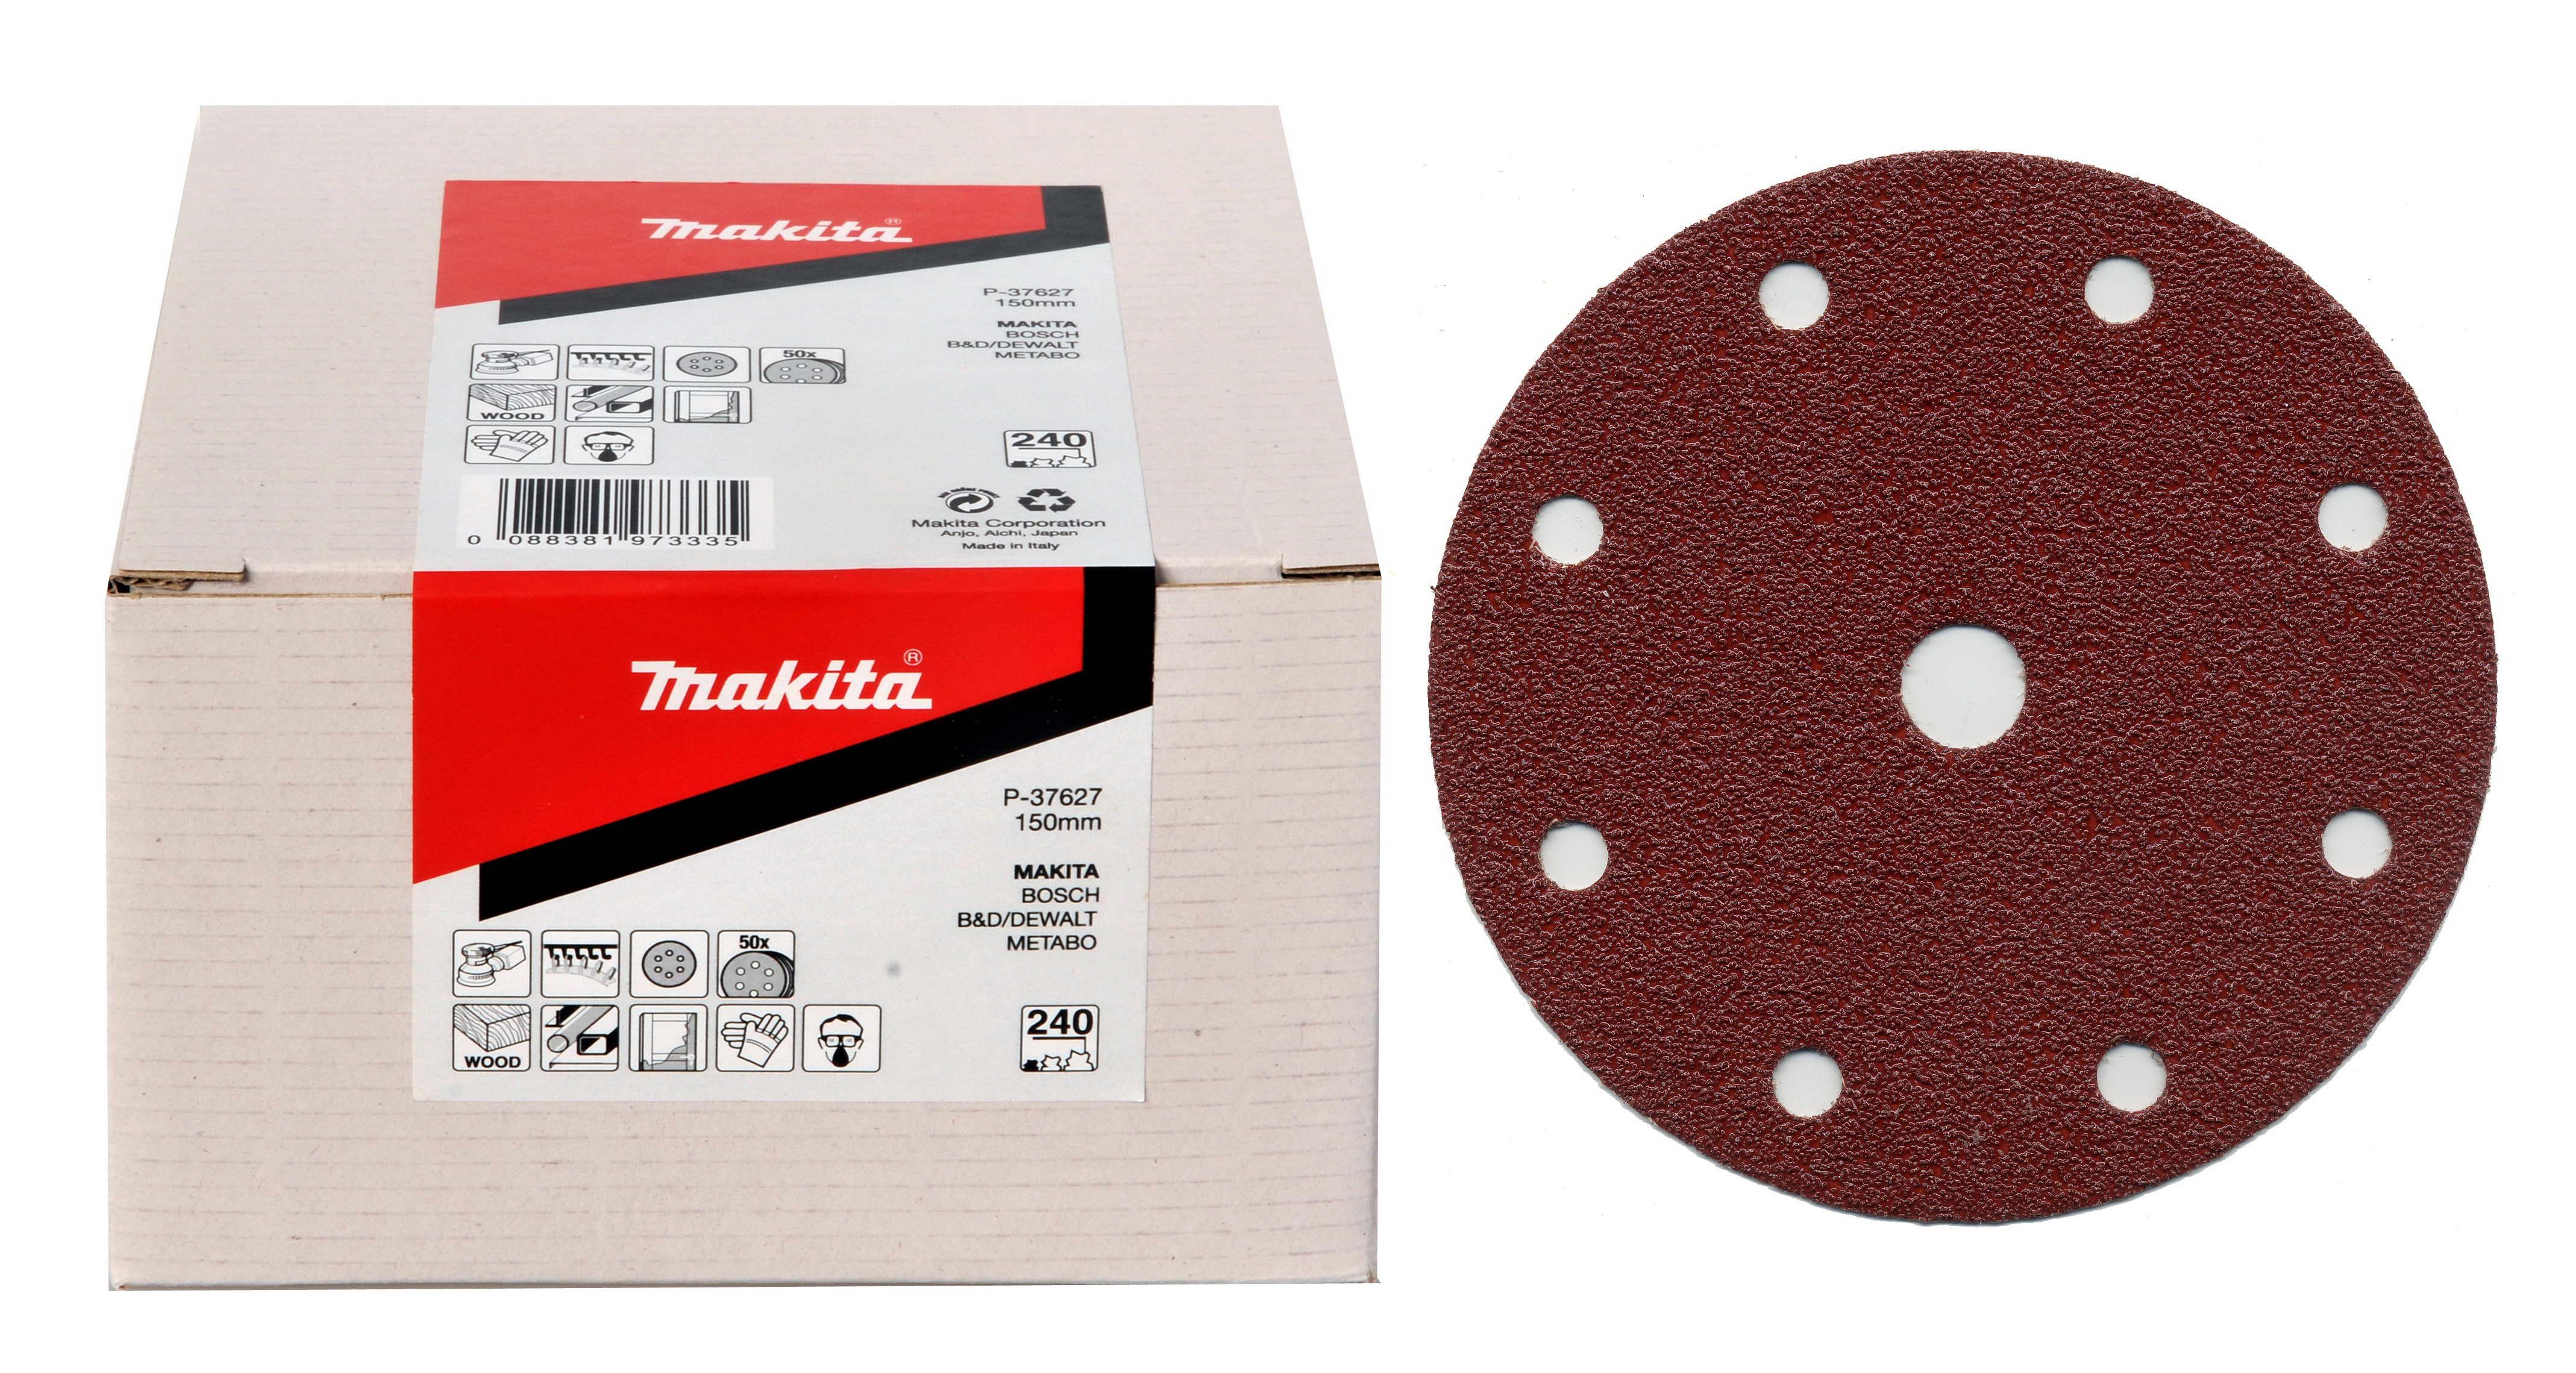 Makita P-37596 brus.pap150mm6otK100 50ksBO6030,40